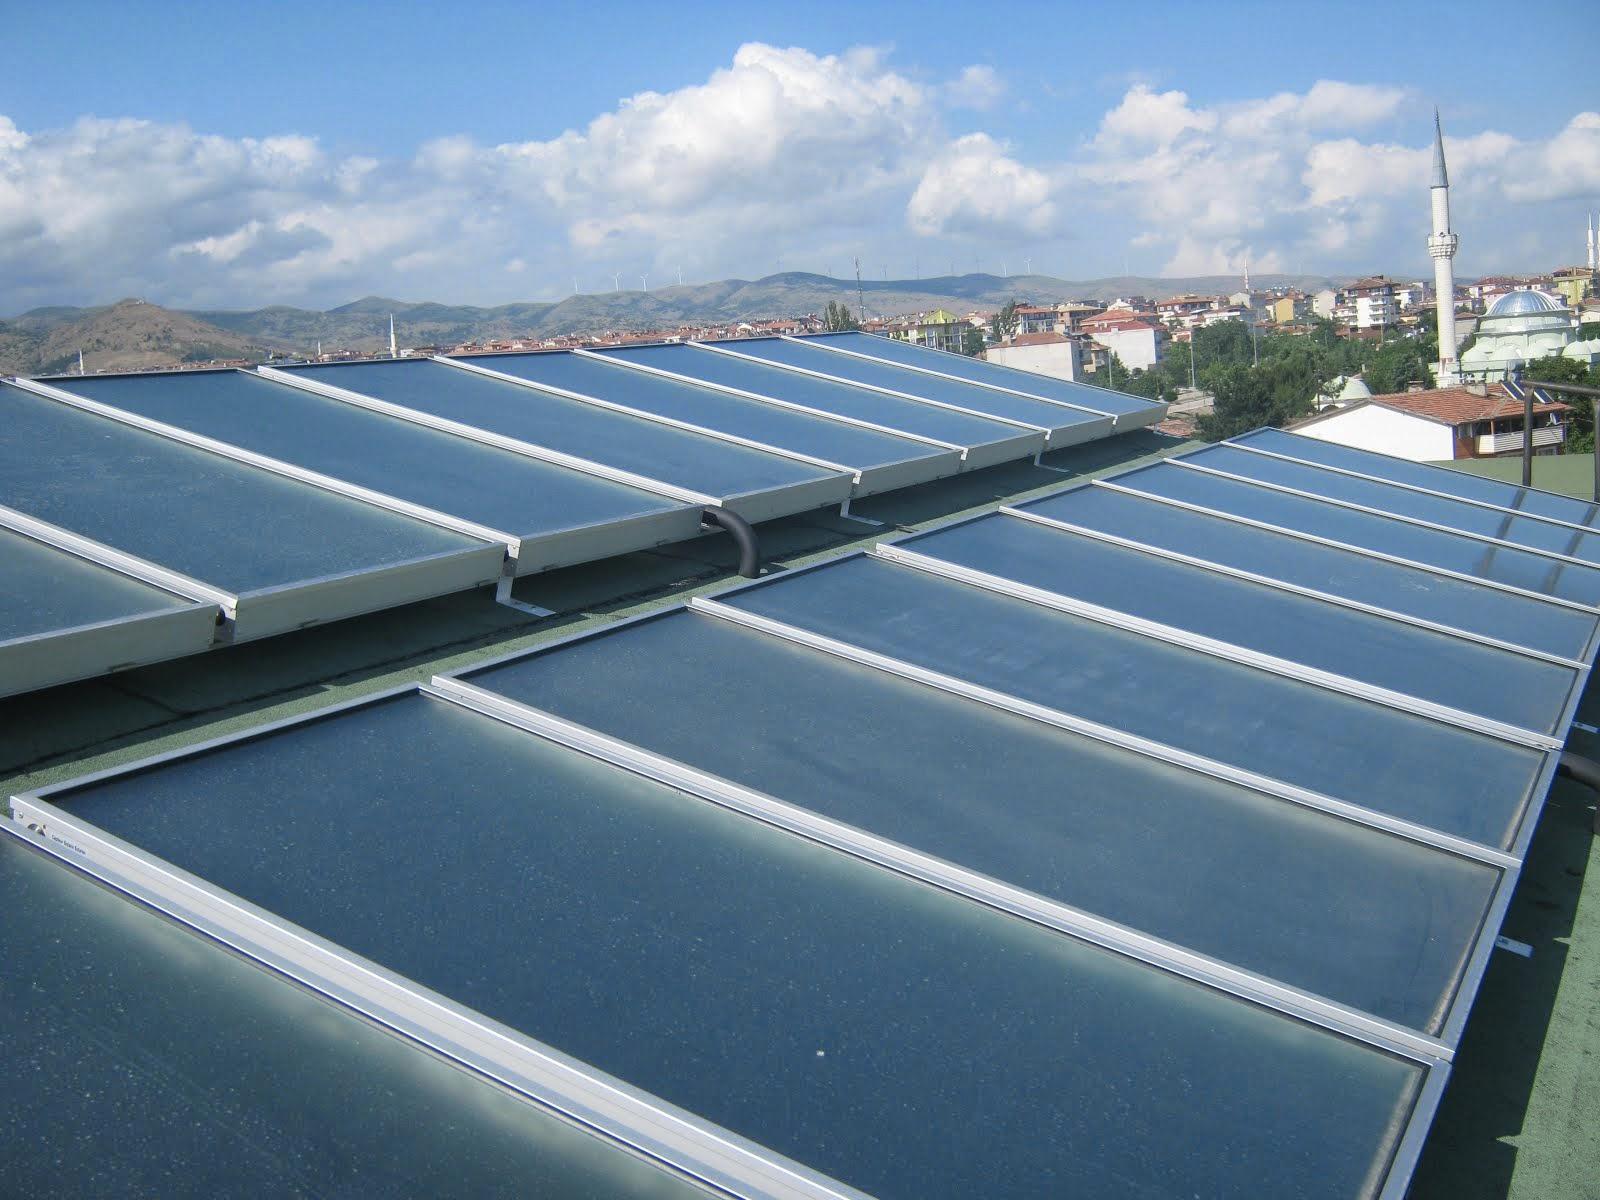 güneş enerji bakır kollektörler